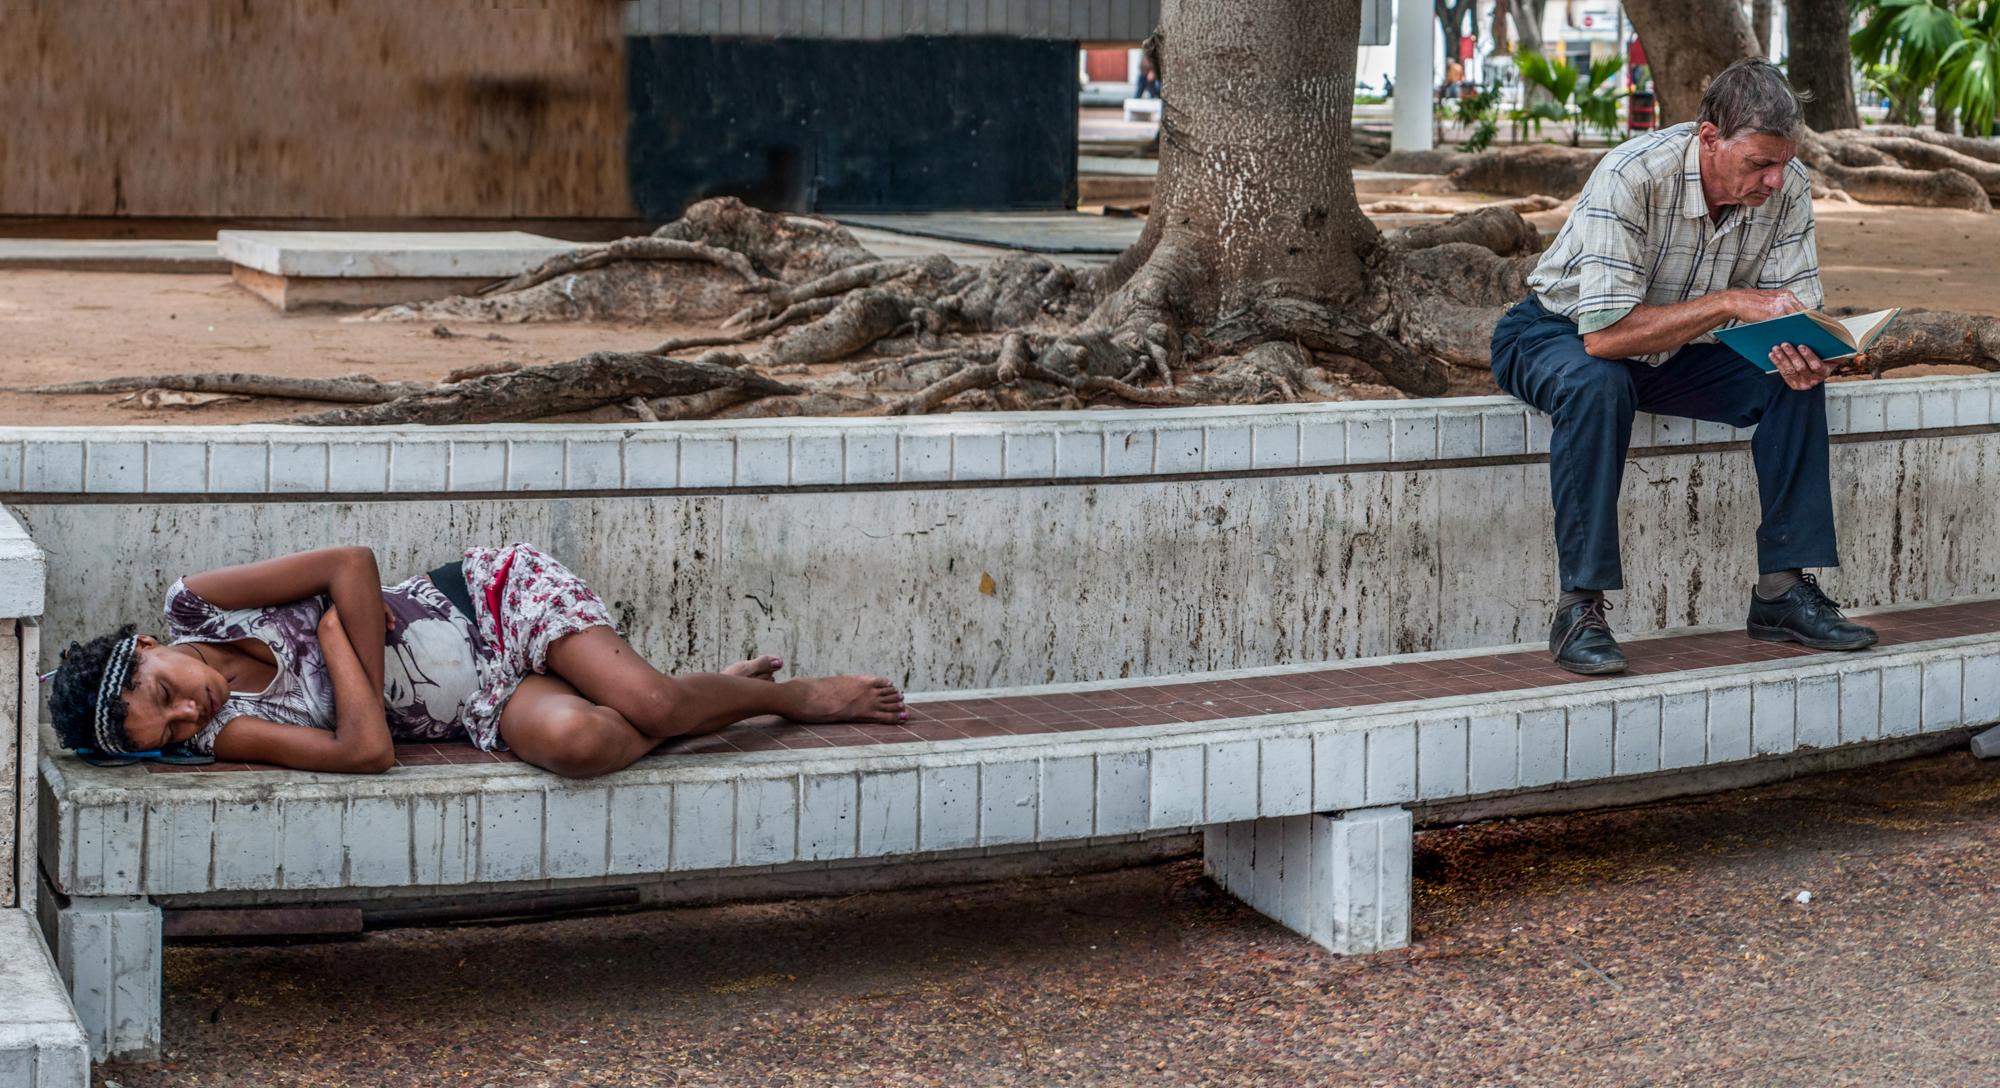 Risultati immagini per immagine di indifferenza della gente